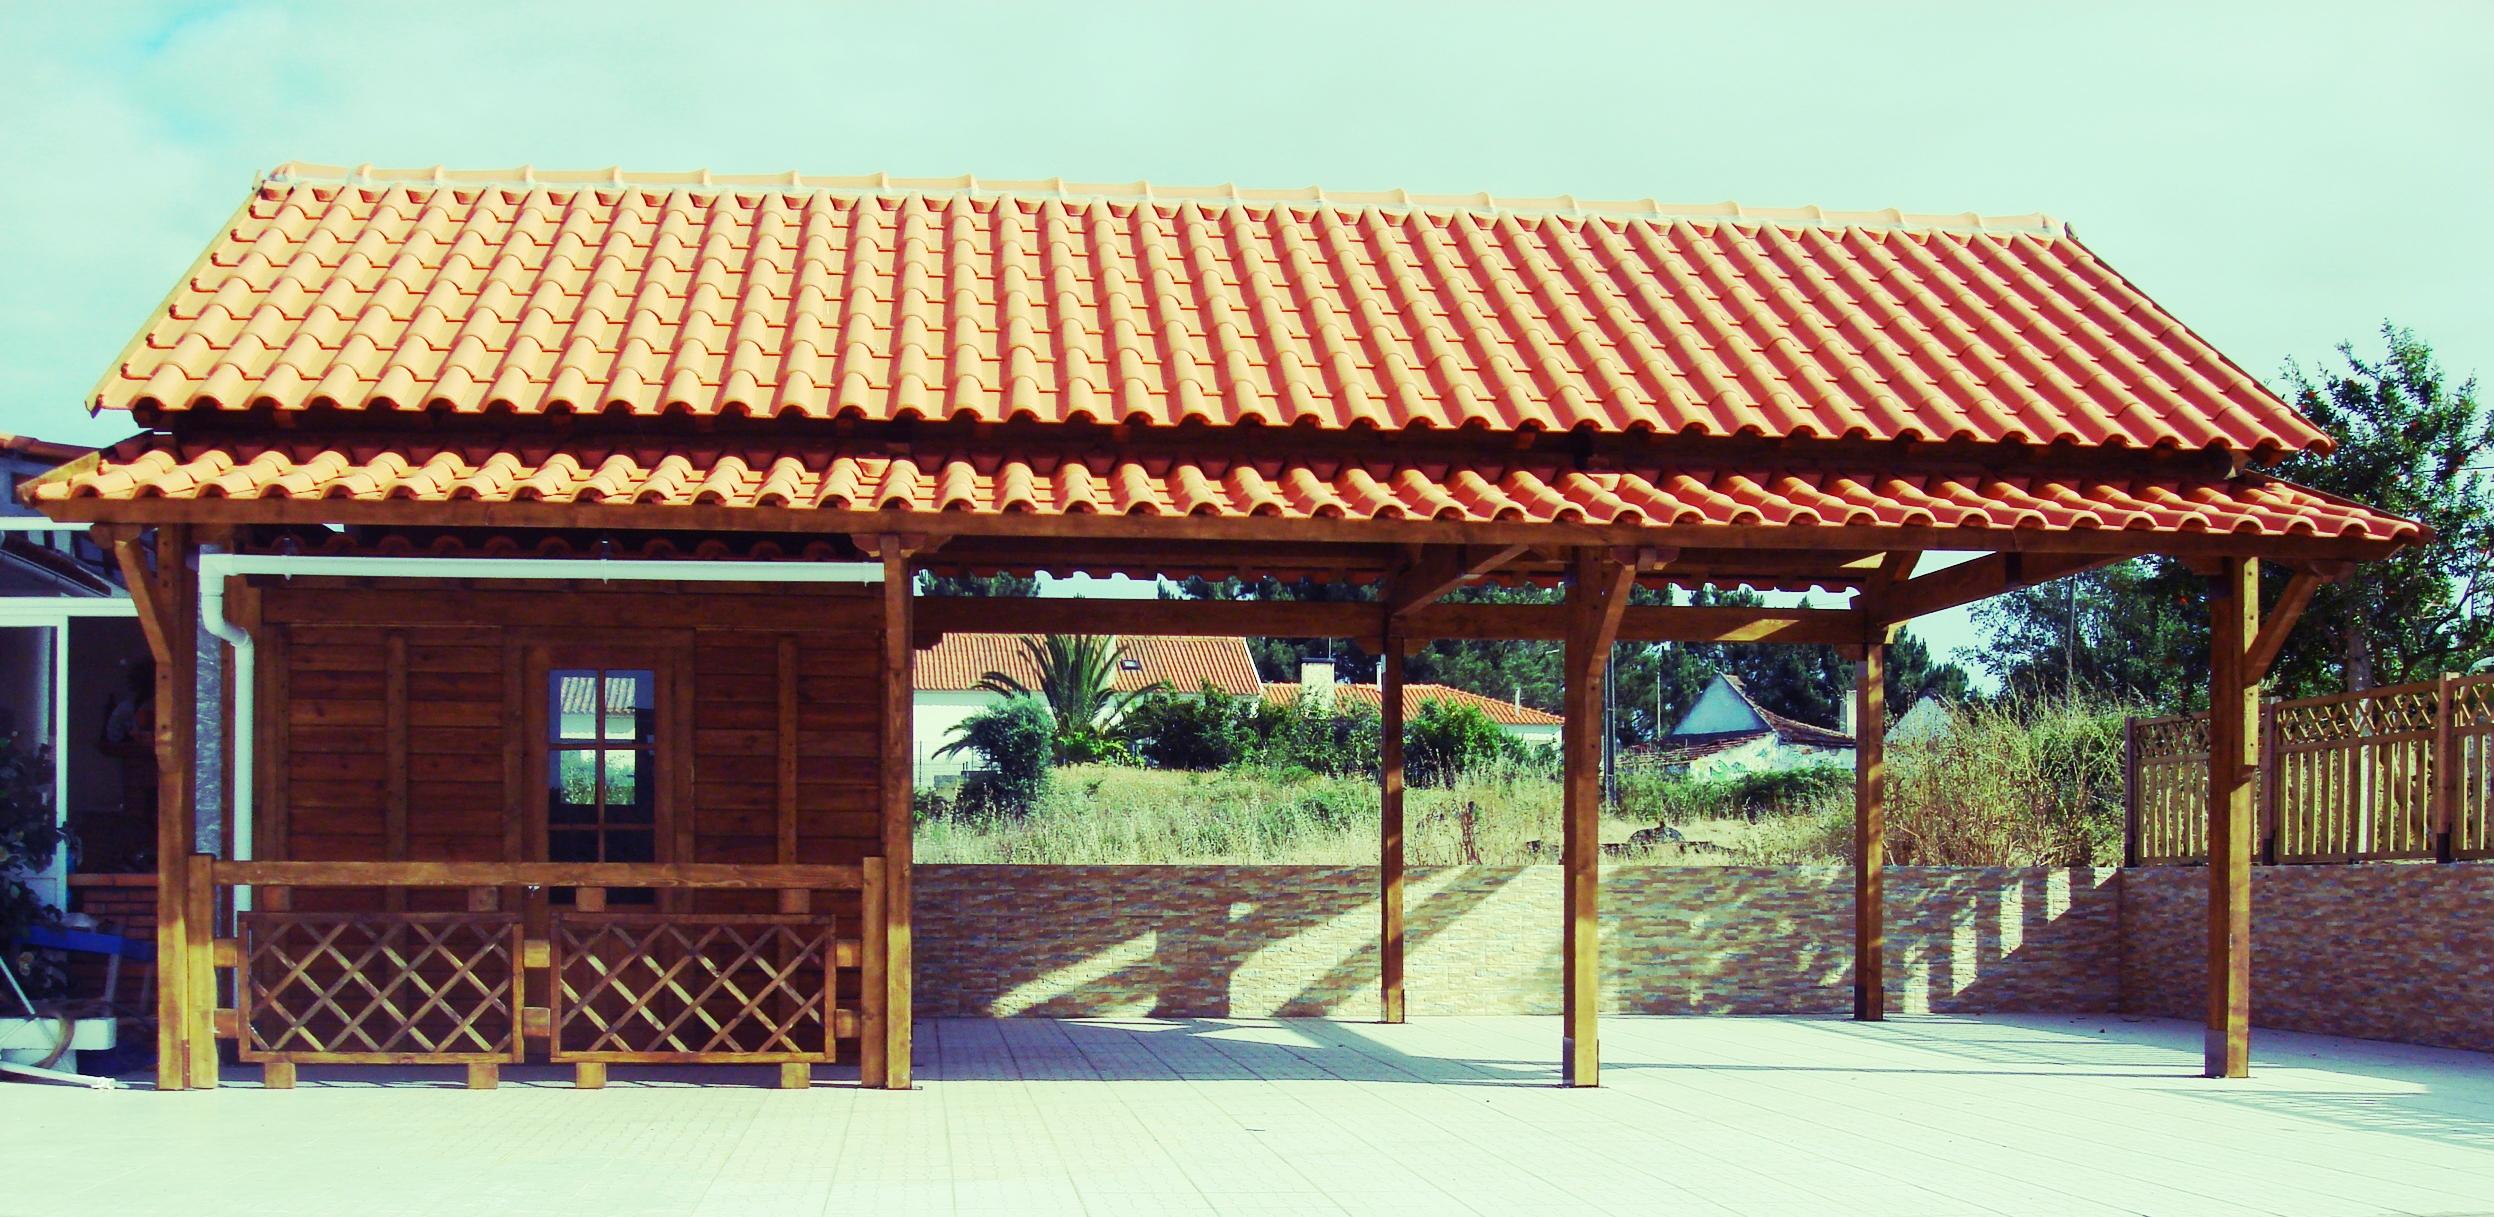 telheiros-madeira-pergolas-deck-terraços-varandas-estruturas madeira-jardins-garagem-vedações